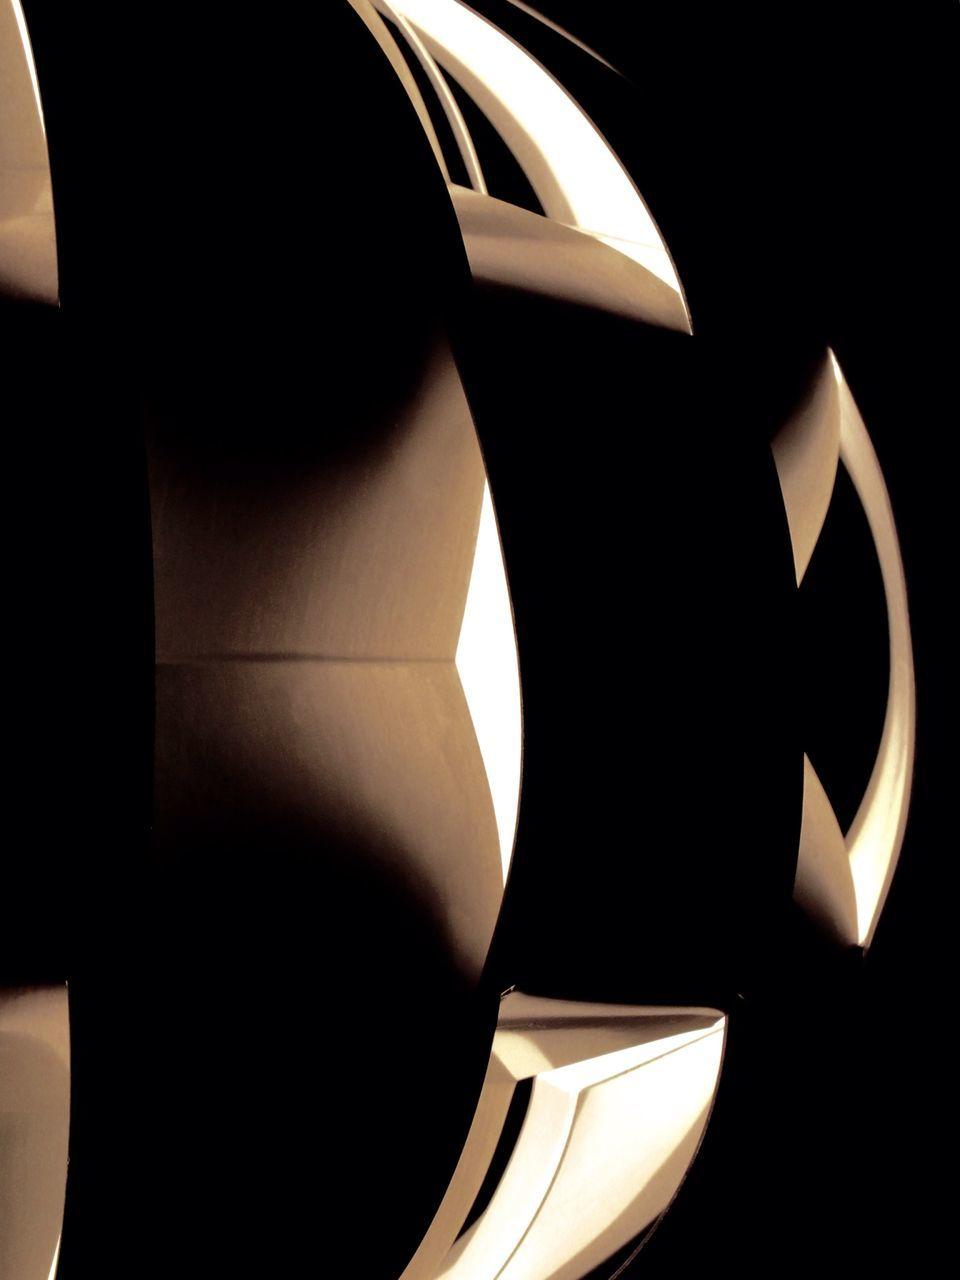 illuminated, black background, close-up, no people, studio shot, indoors, night